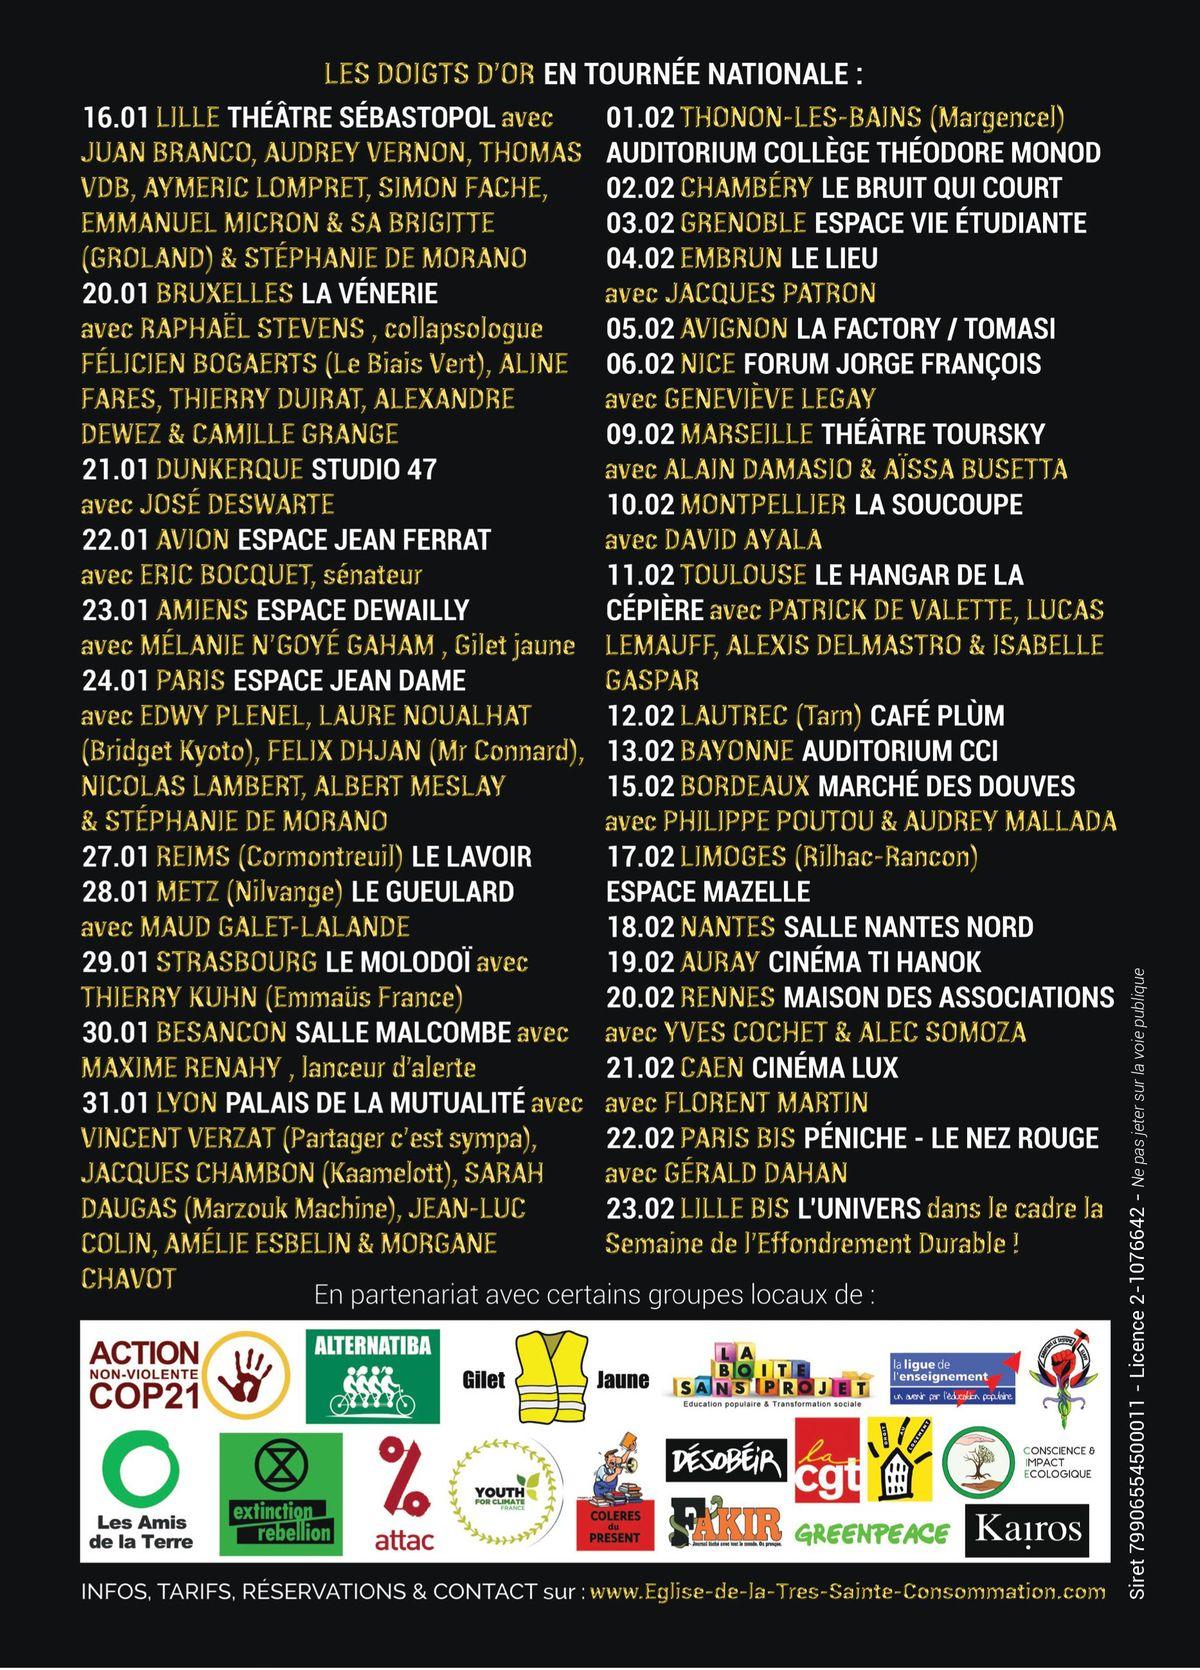 Découvrez notre tournée de 30 dates